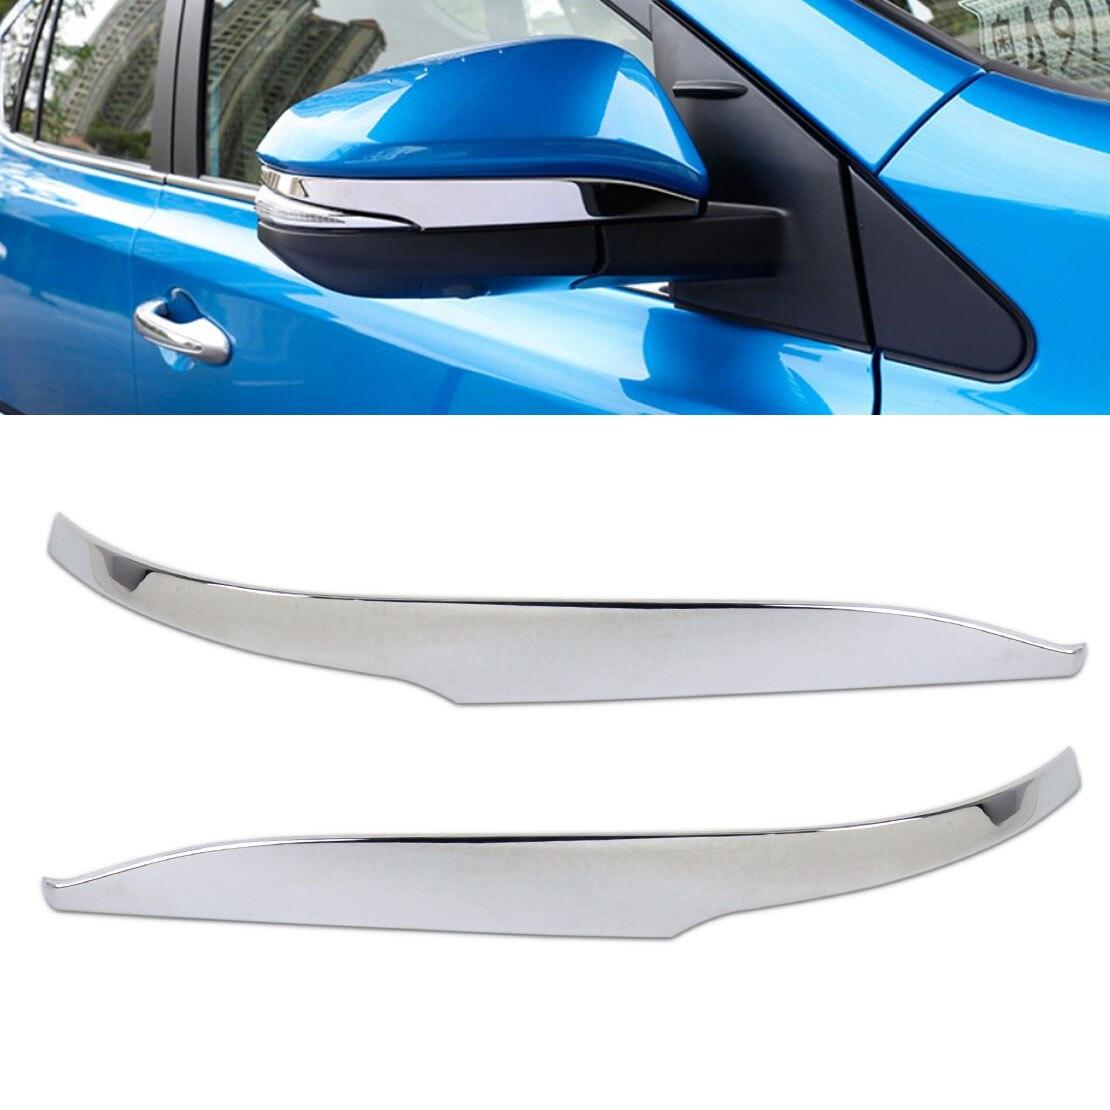 CITALL 2 Pcs Voiture-styling Chrome Side Rétroviseur Porte Miroir Bande De Couverture garniture Moulure pour Toyota RAV4 2013 2014 2015 2016 2017